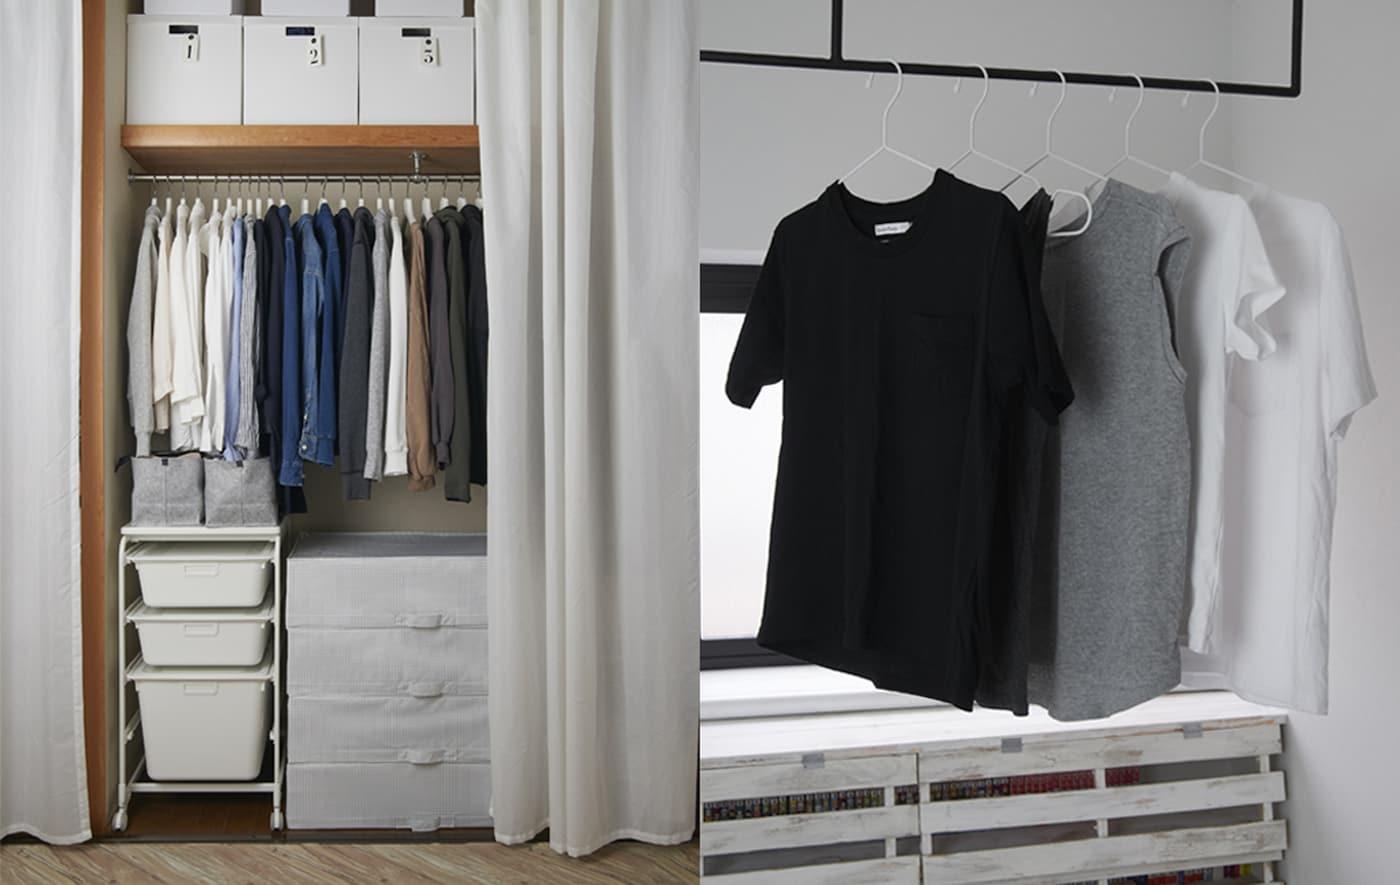 Otvorena garderoba u udubljenju u zidu sa šipkama za odjeću, policom i kutijama. Majice vise sa šipke ispred prozora.